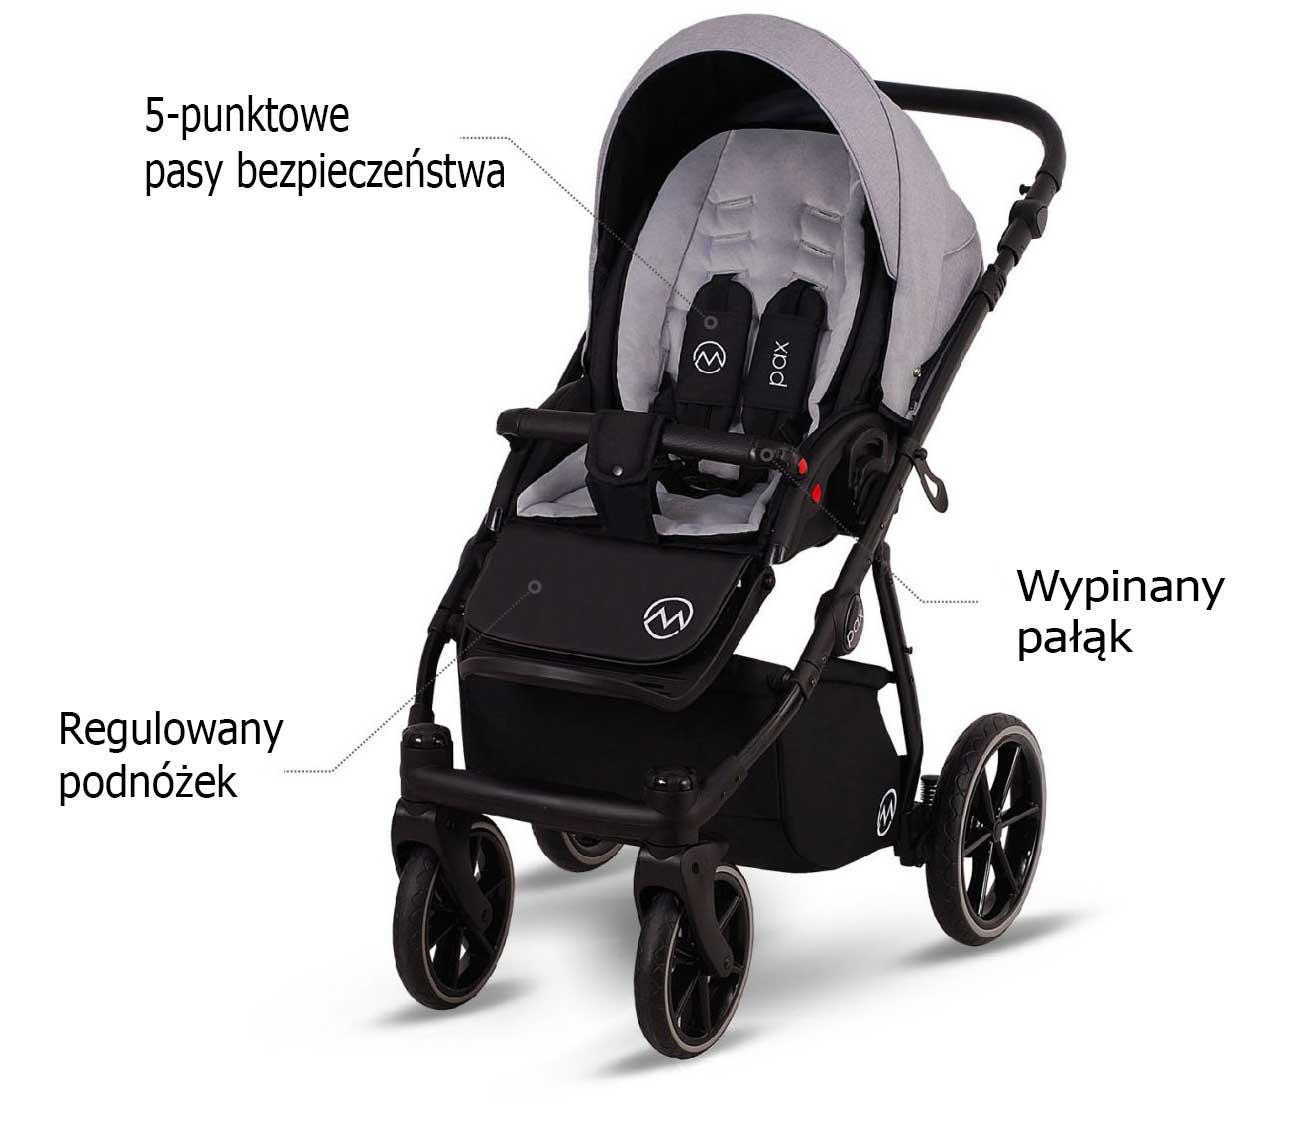 wózek spacerowy Lonex Pax wielofunkcyjny dziecięcy opis